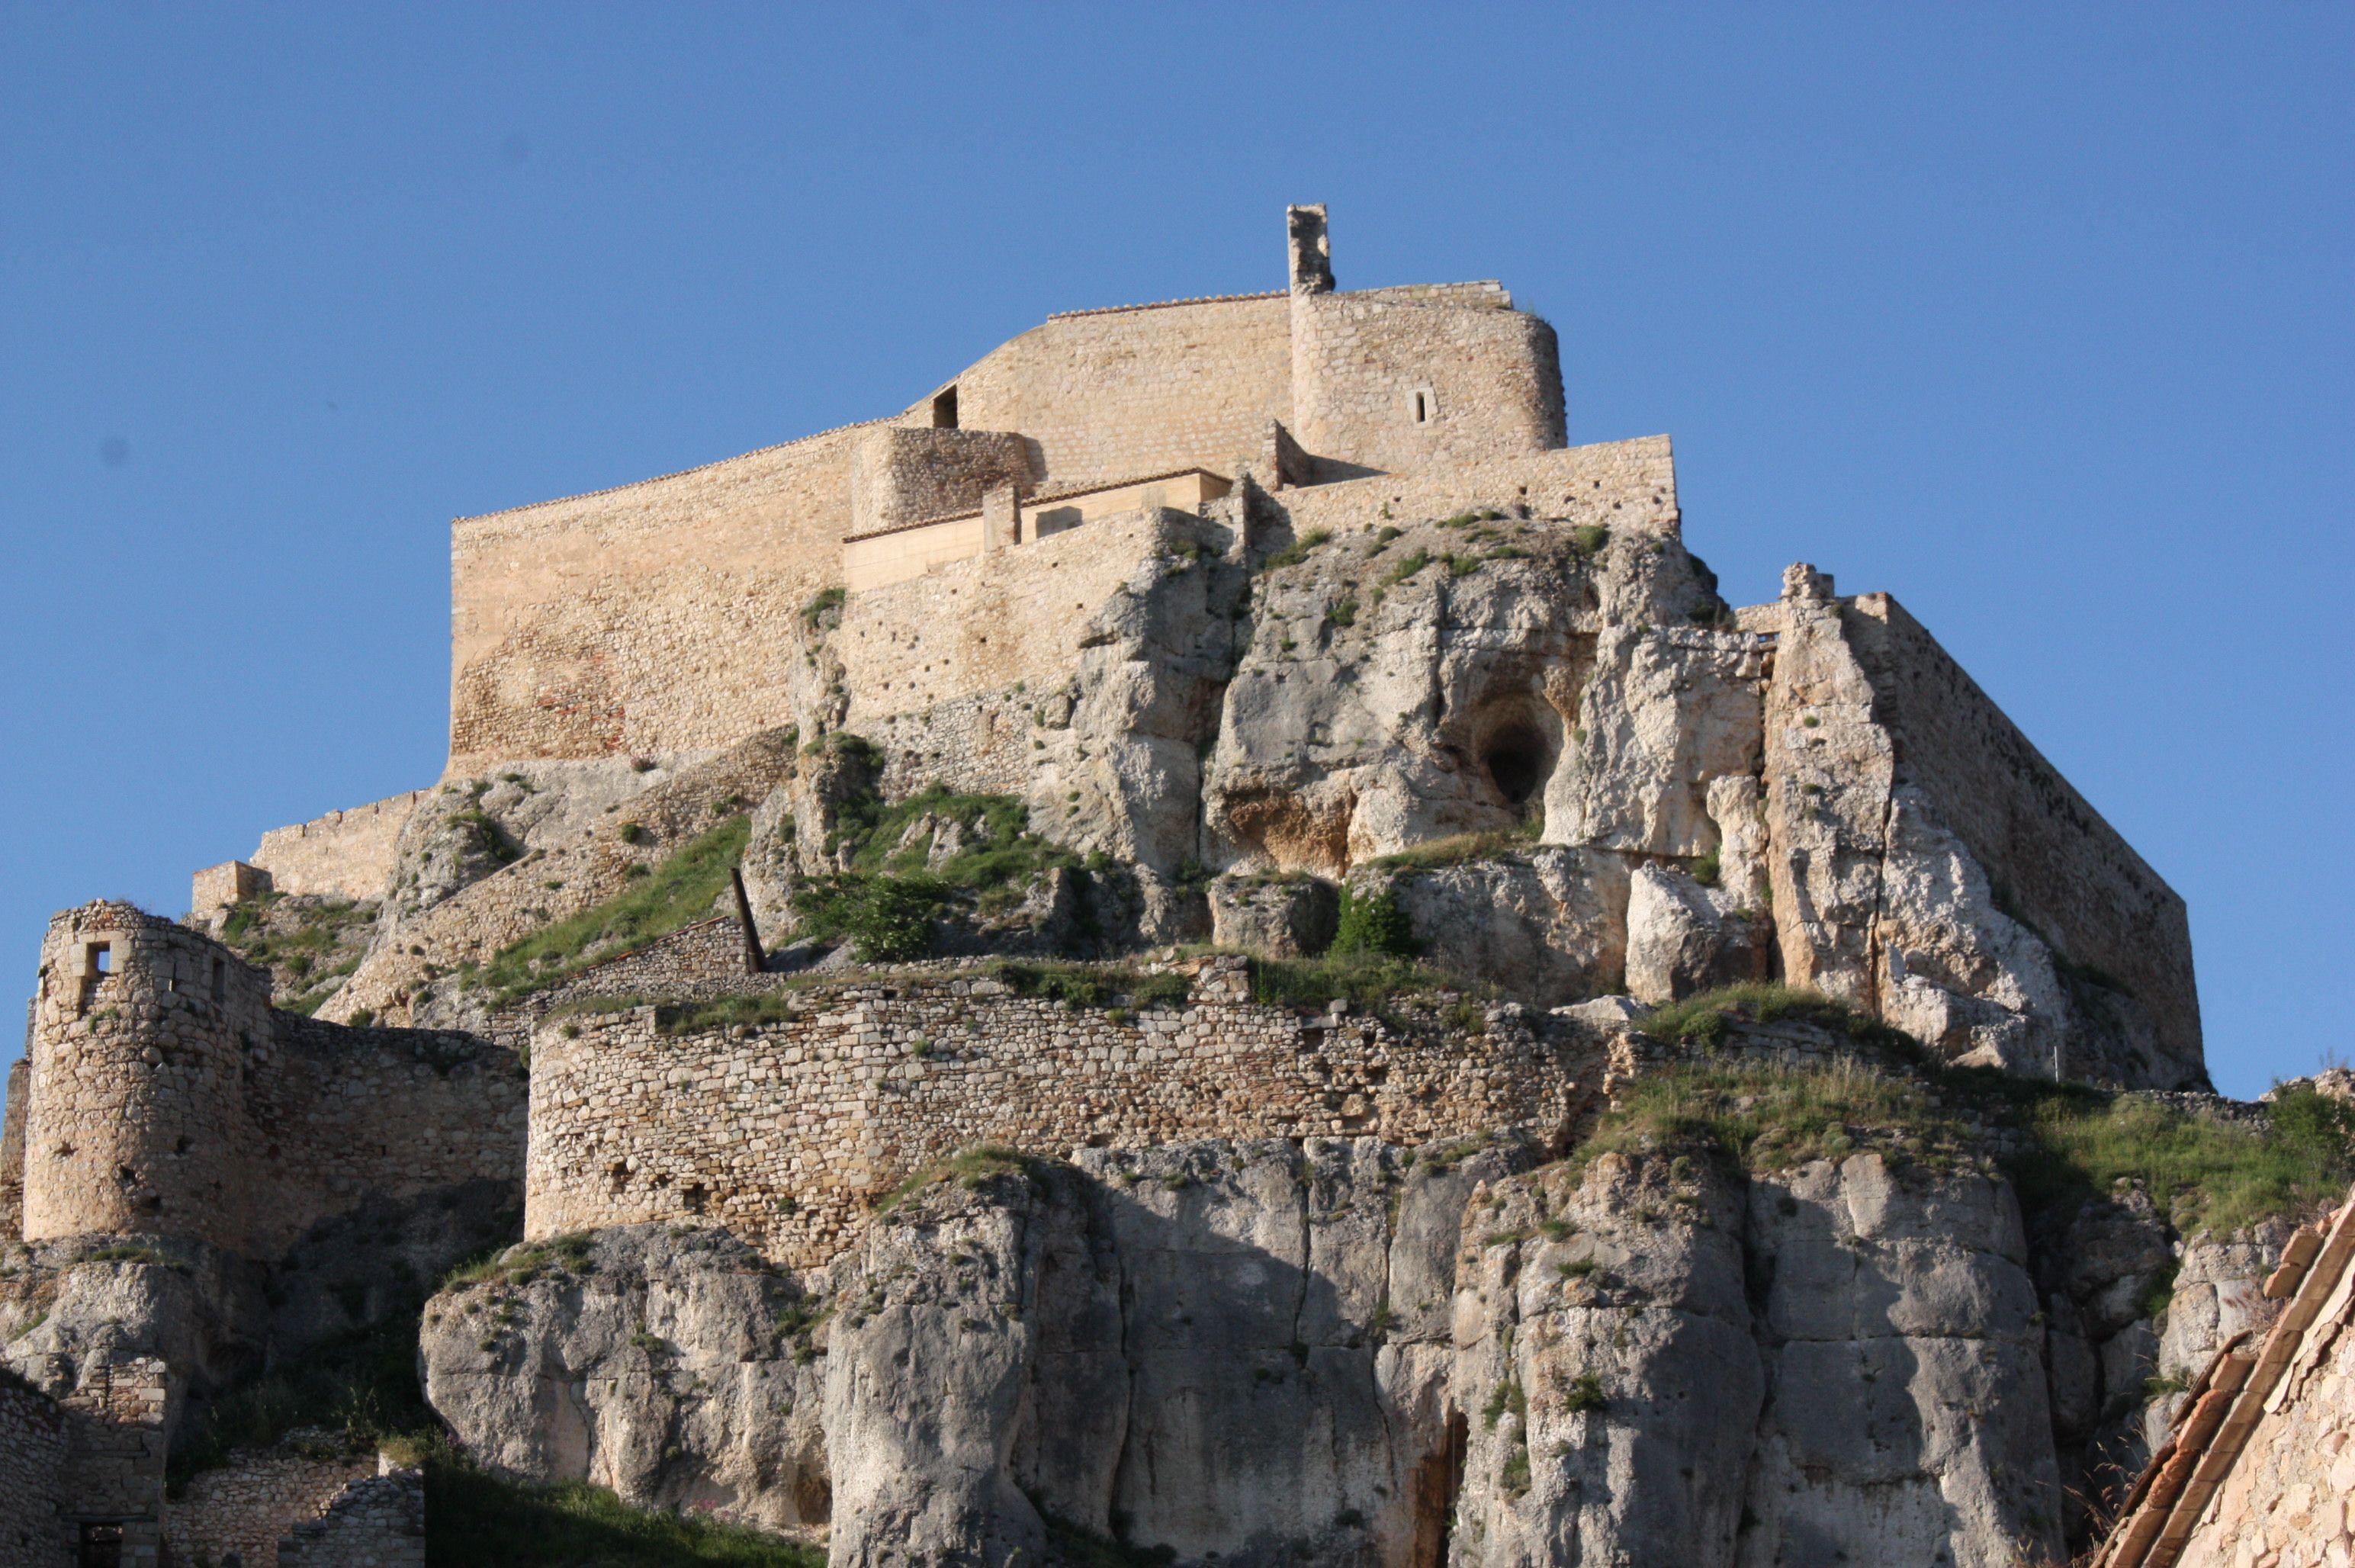 Morella's castle. (Valencia)